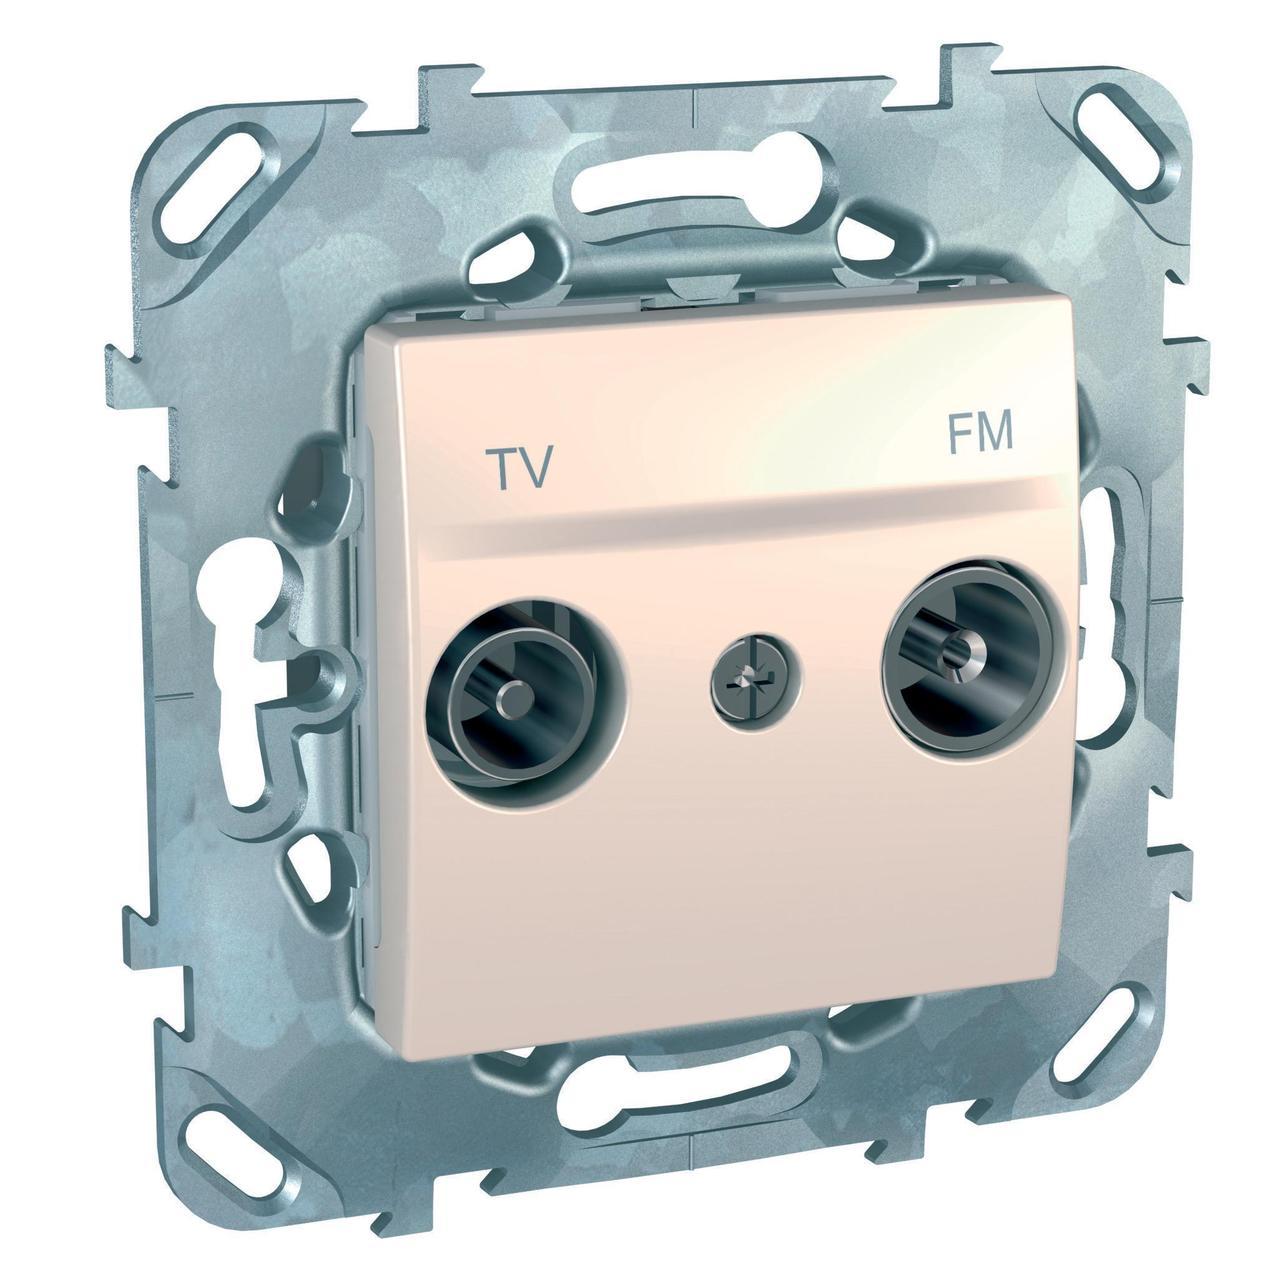 Розетка телевизионная единственная ТV-FМ , Бежевый, серия Unica, Schneider Electric